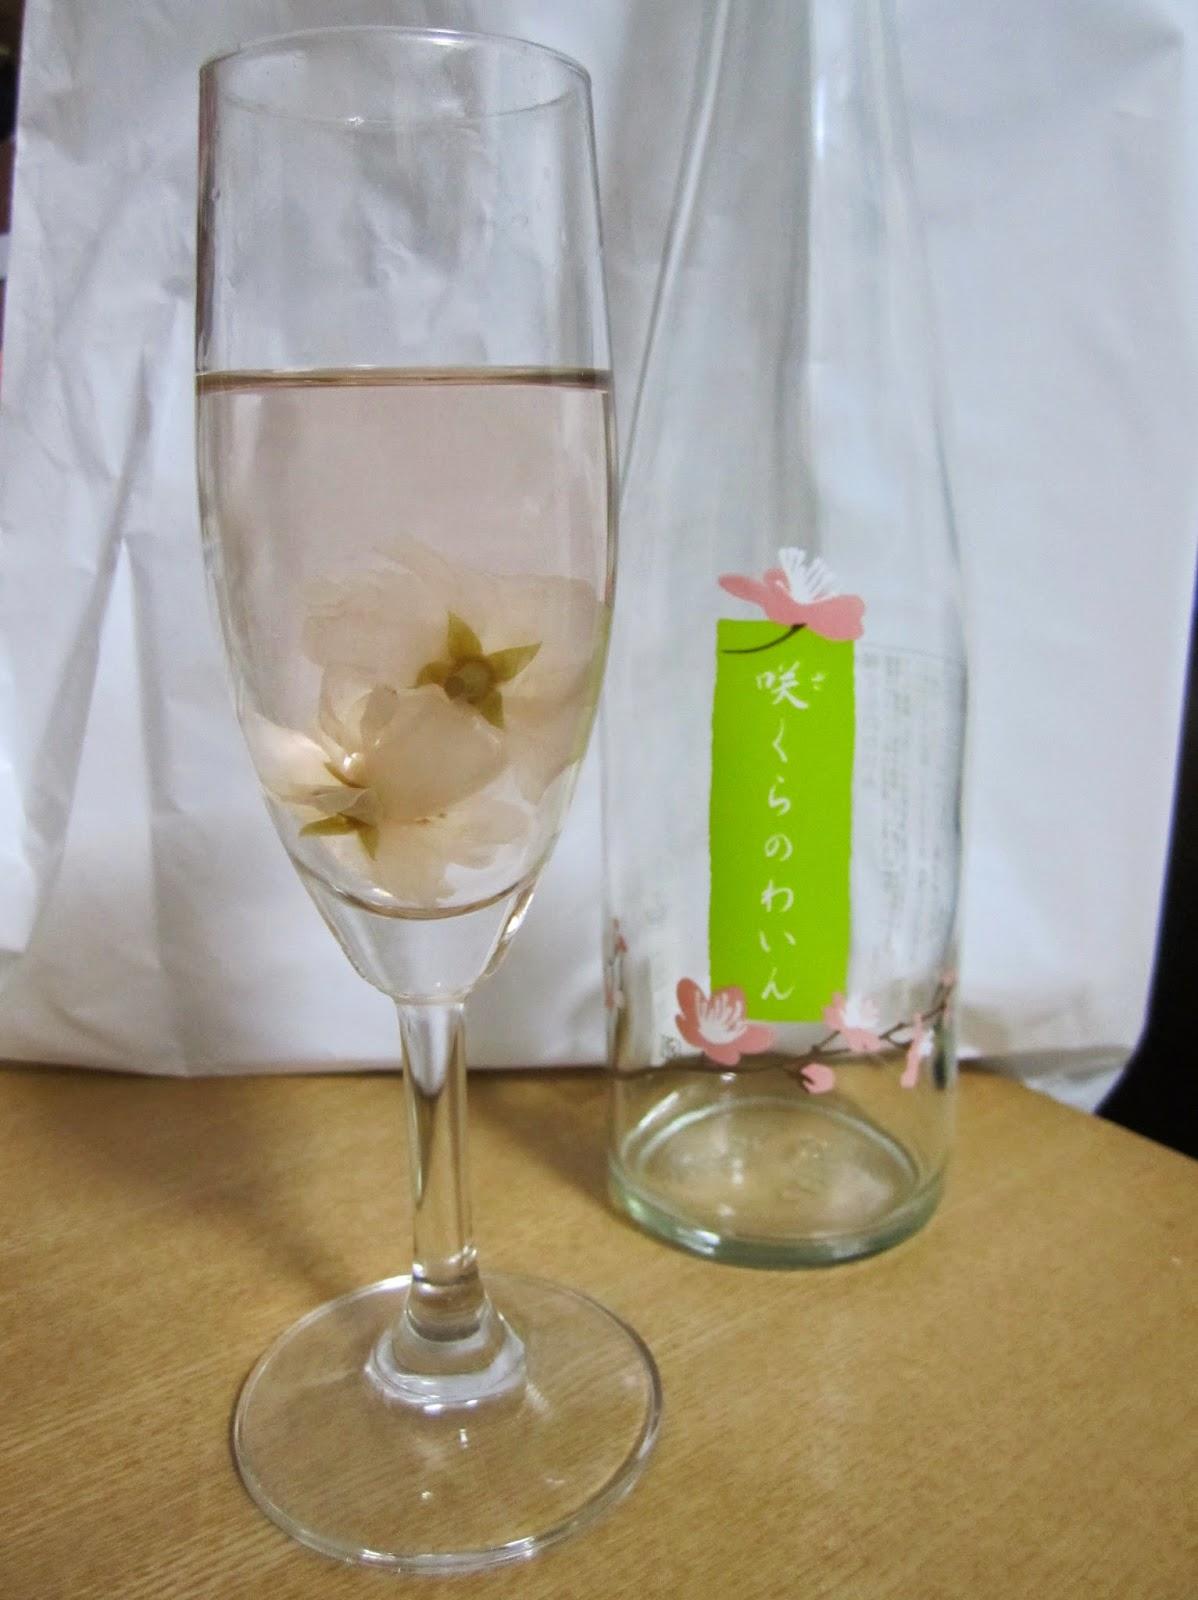 Sakura no Wine cherry blossom wine 咲くらのわいん